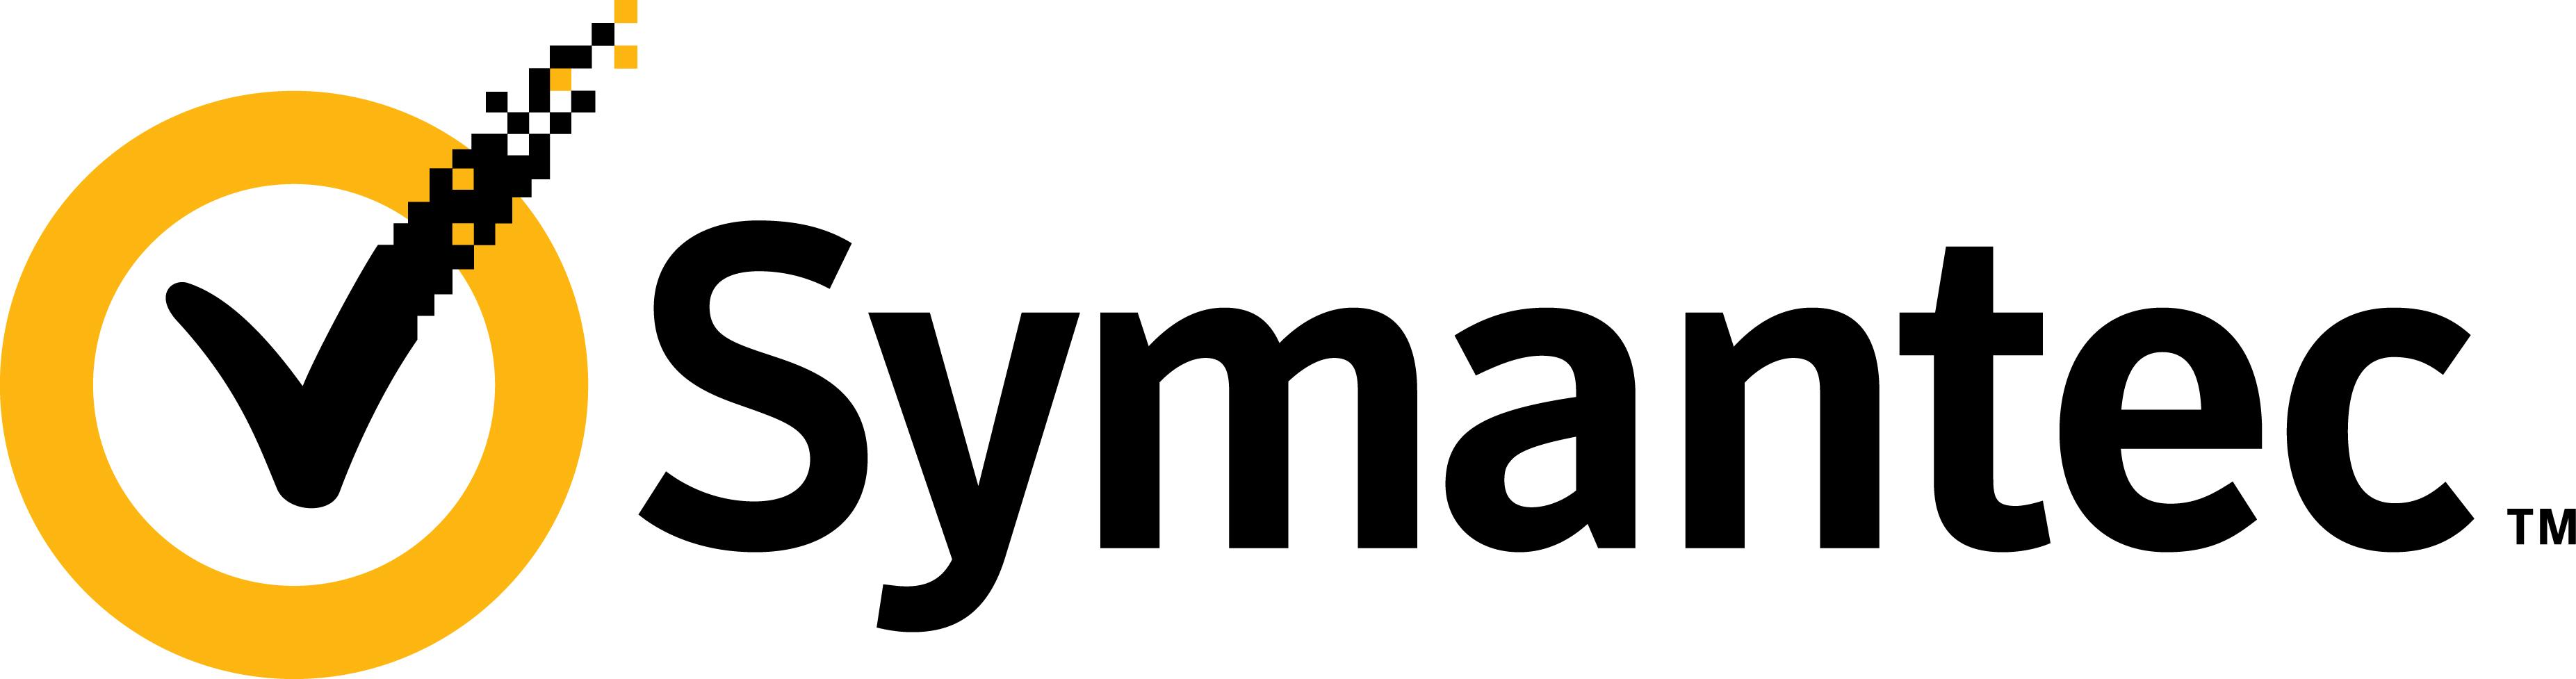 Symantecs logotyp